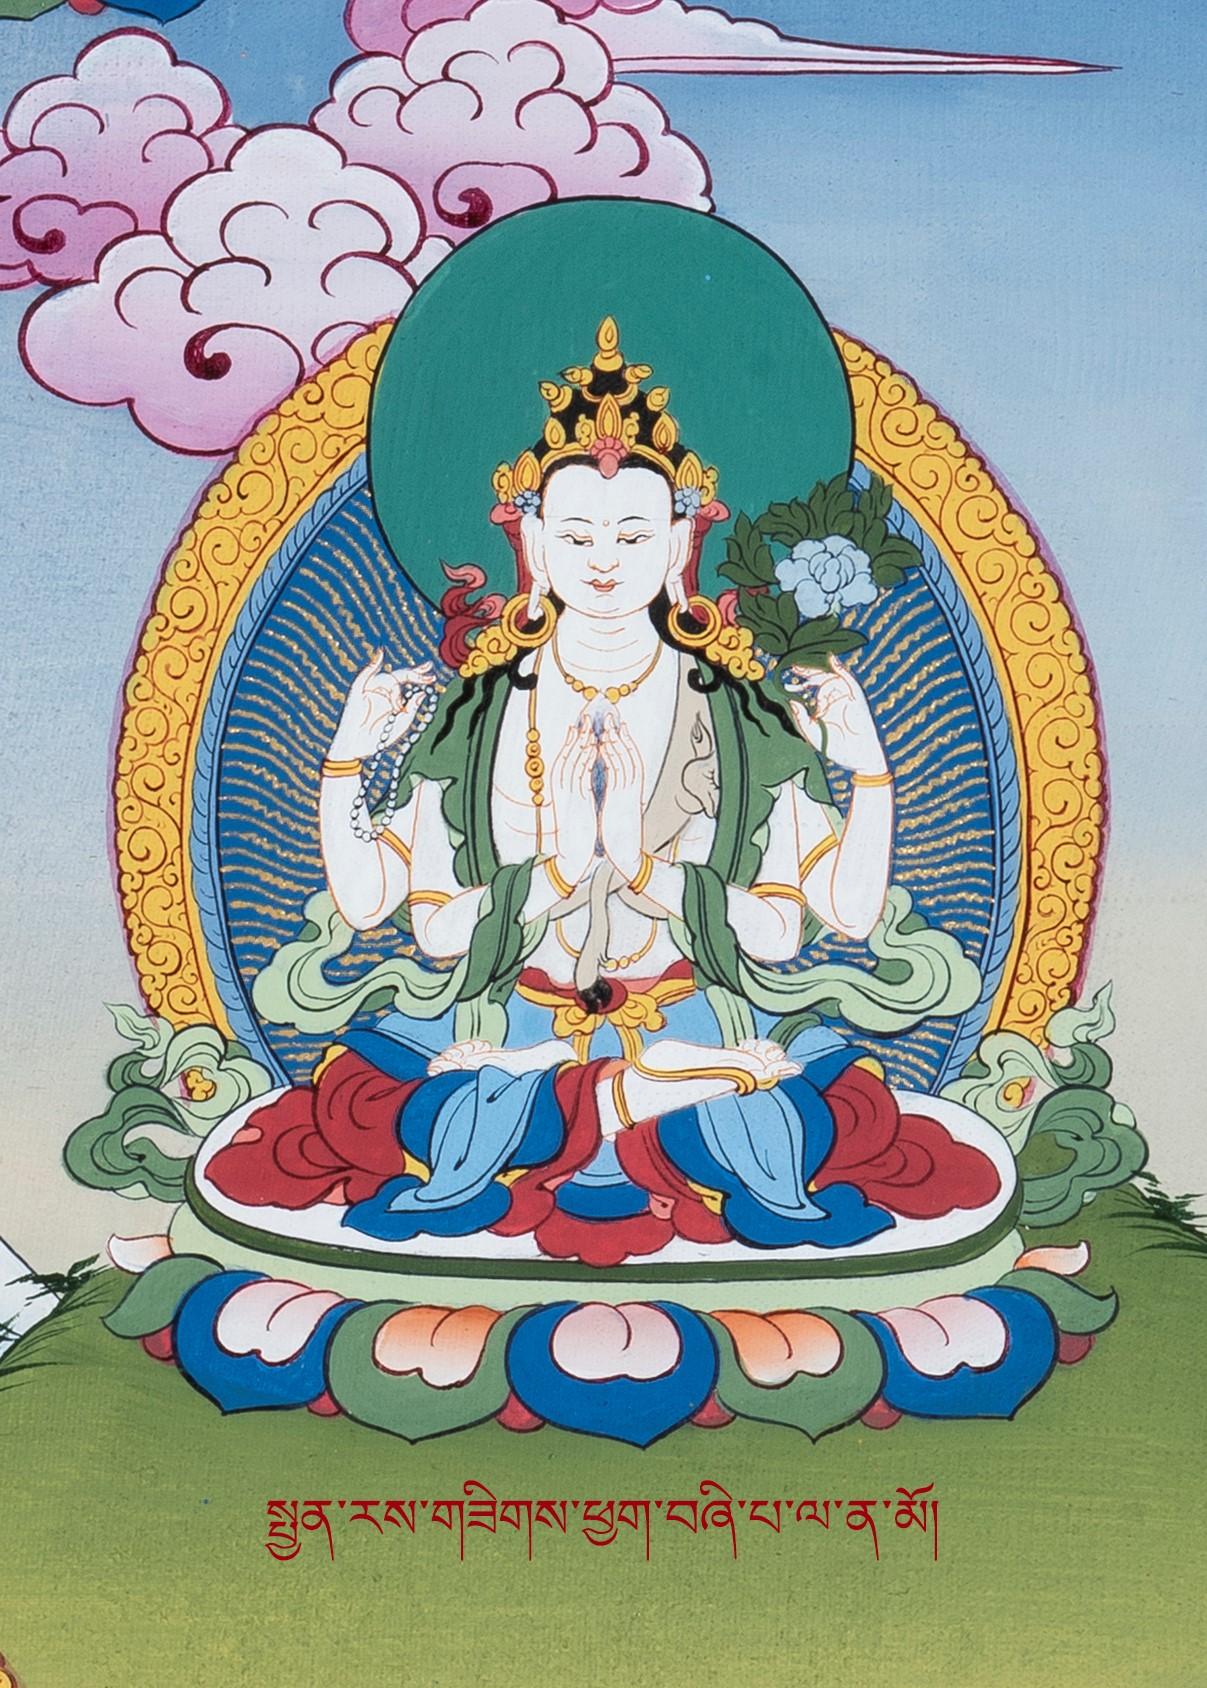 Avalokiteshvara. La compasión y el poder de la adaptación al cambio.